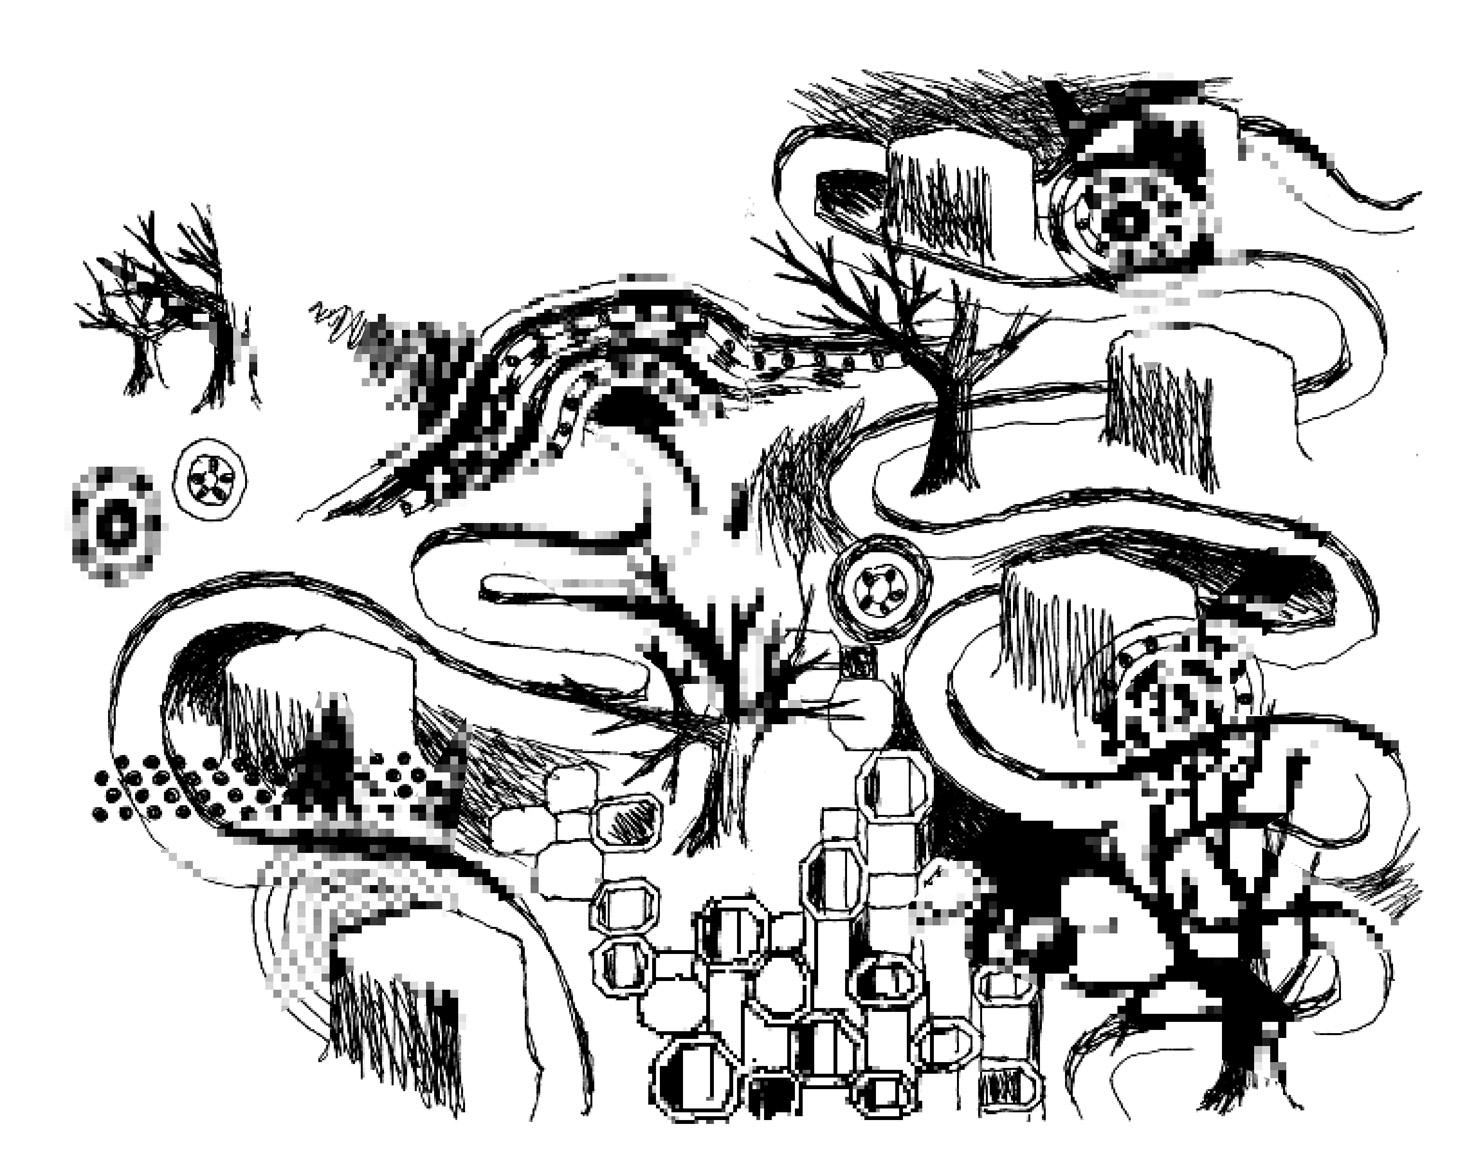 Noir et blanc dessins paperblog - Dessin noir et blanc ...